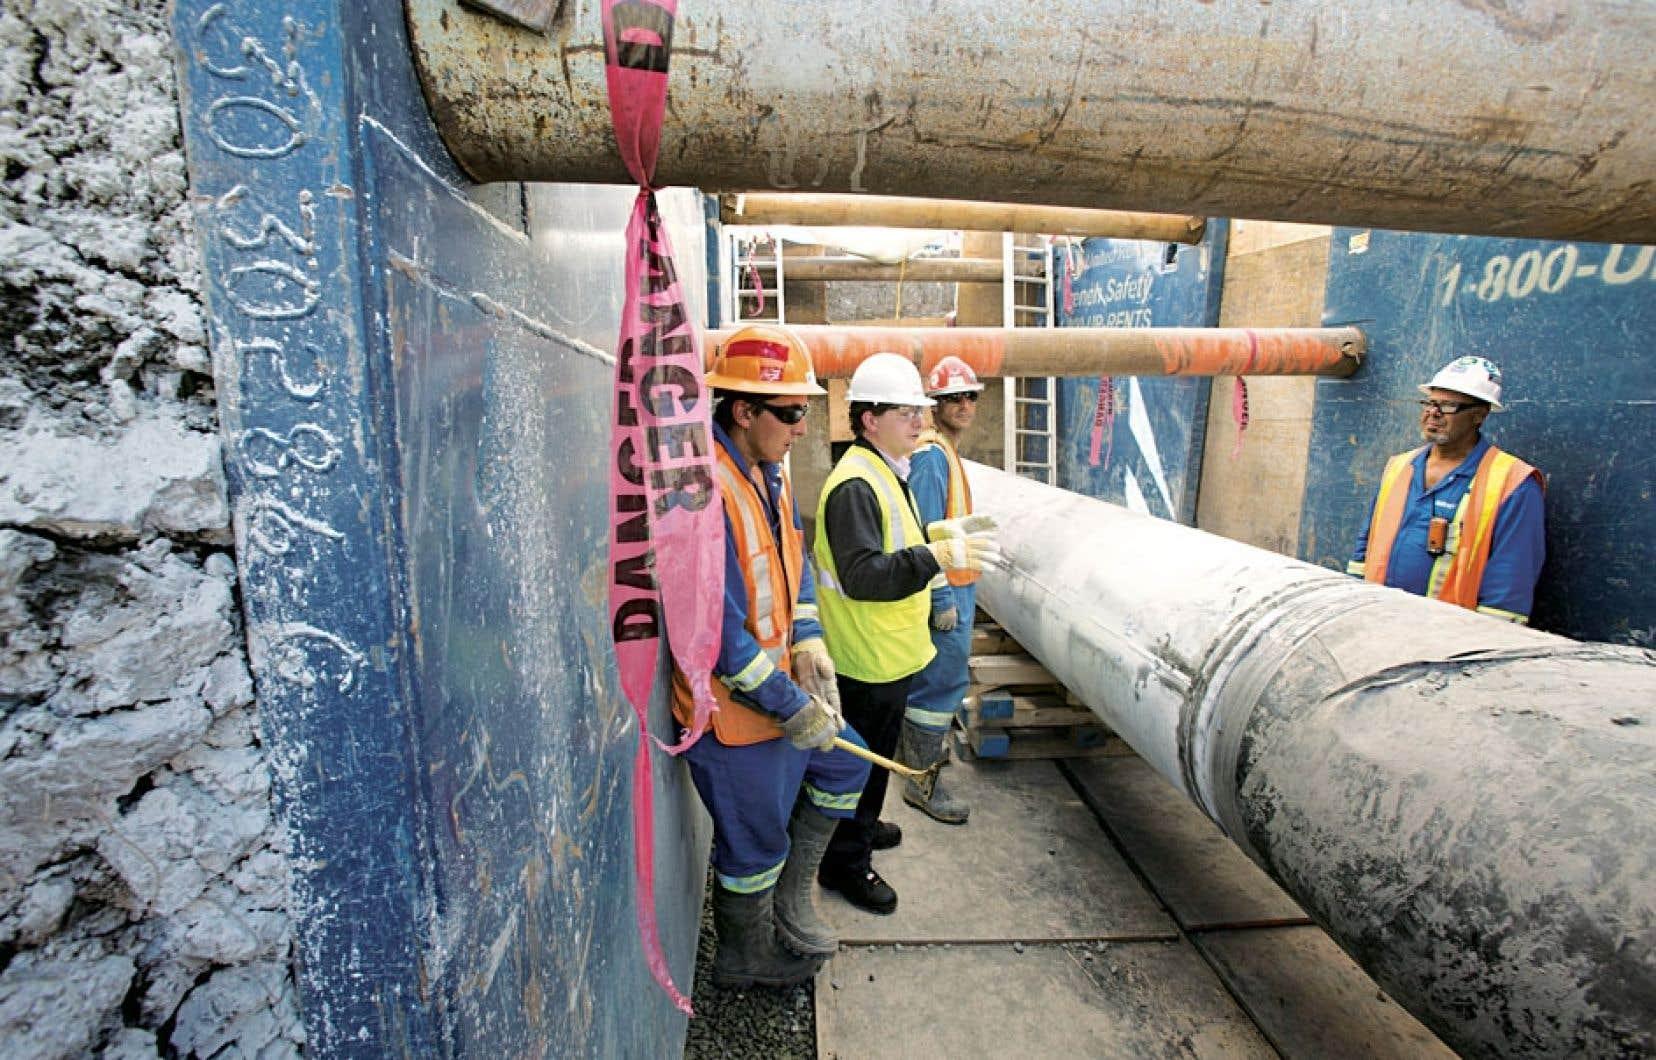 Des travailleurs mandatés par Enbridge examinent un tronçon de la ligne 9B le long de l'autoroute 15 afin de constater de visu si des dommages doivent être réparés.